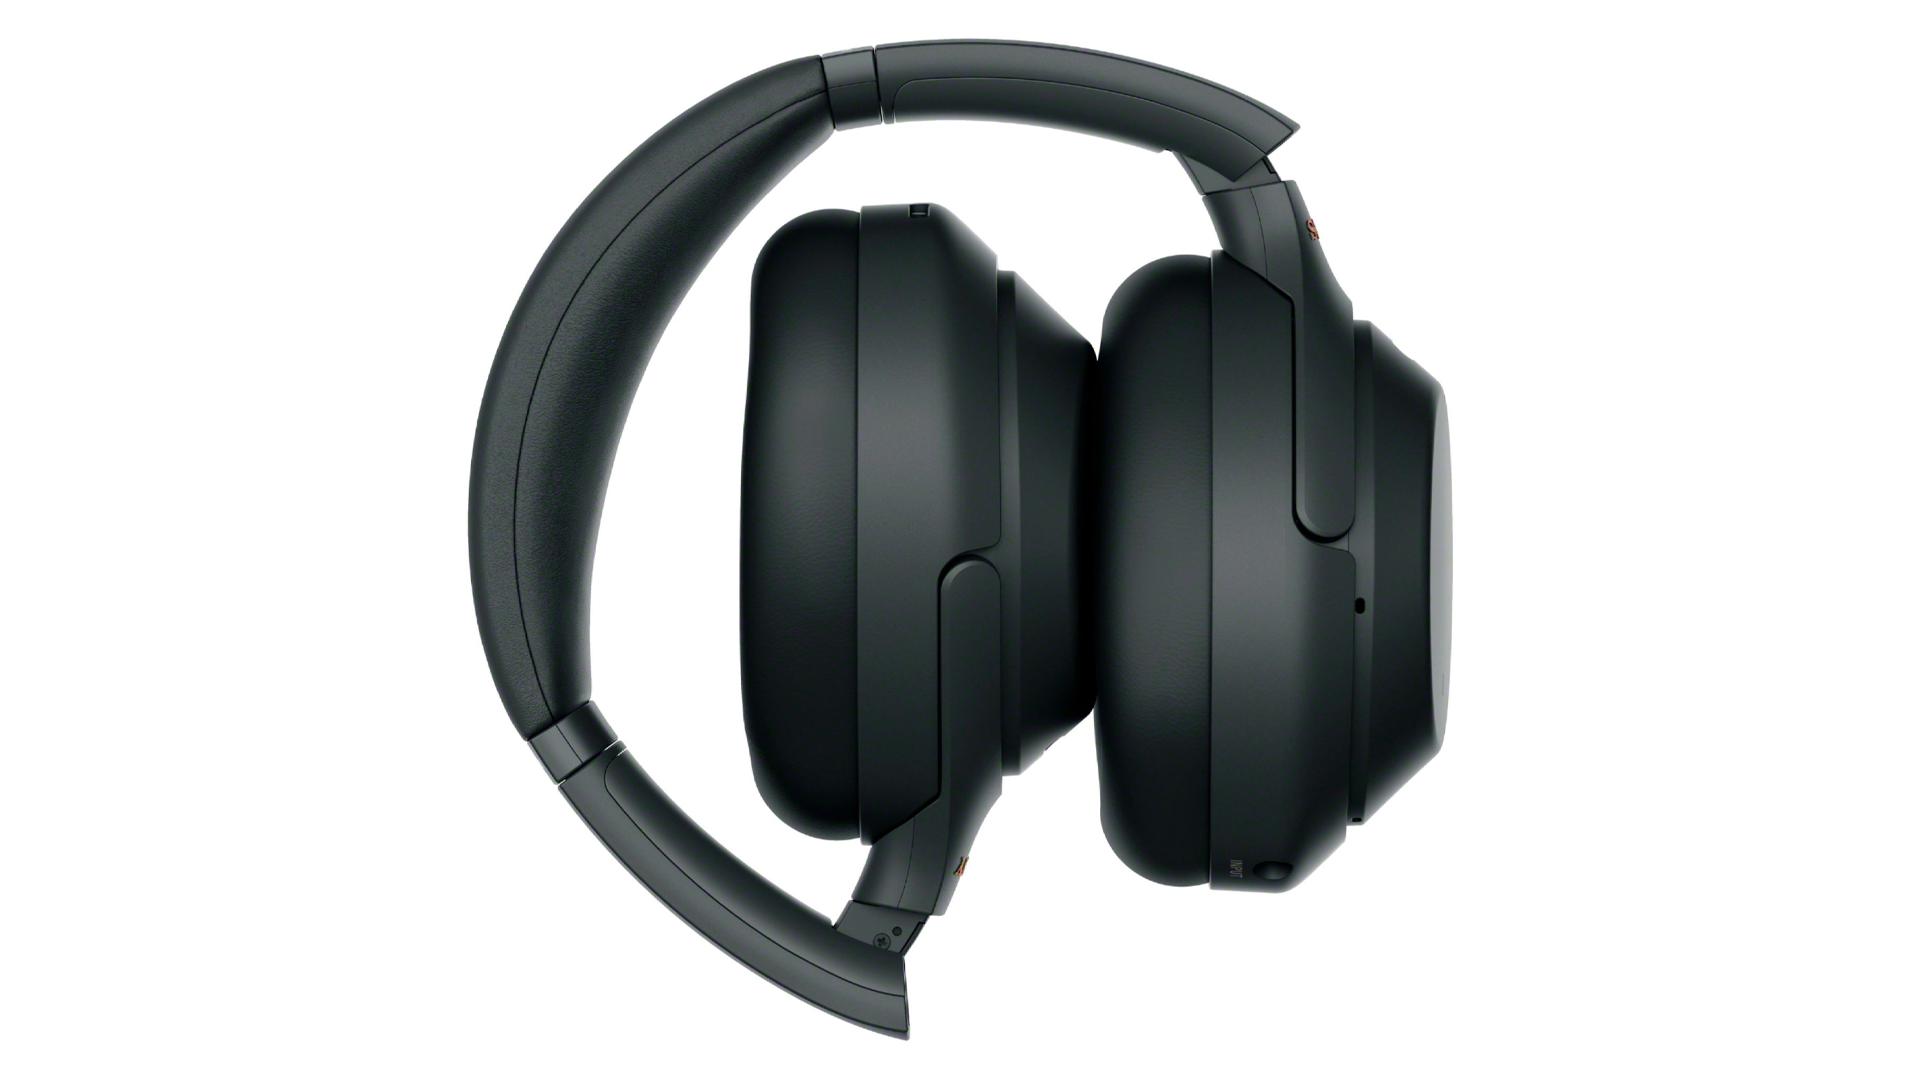 Sony wireless headphones.